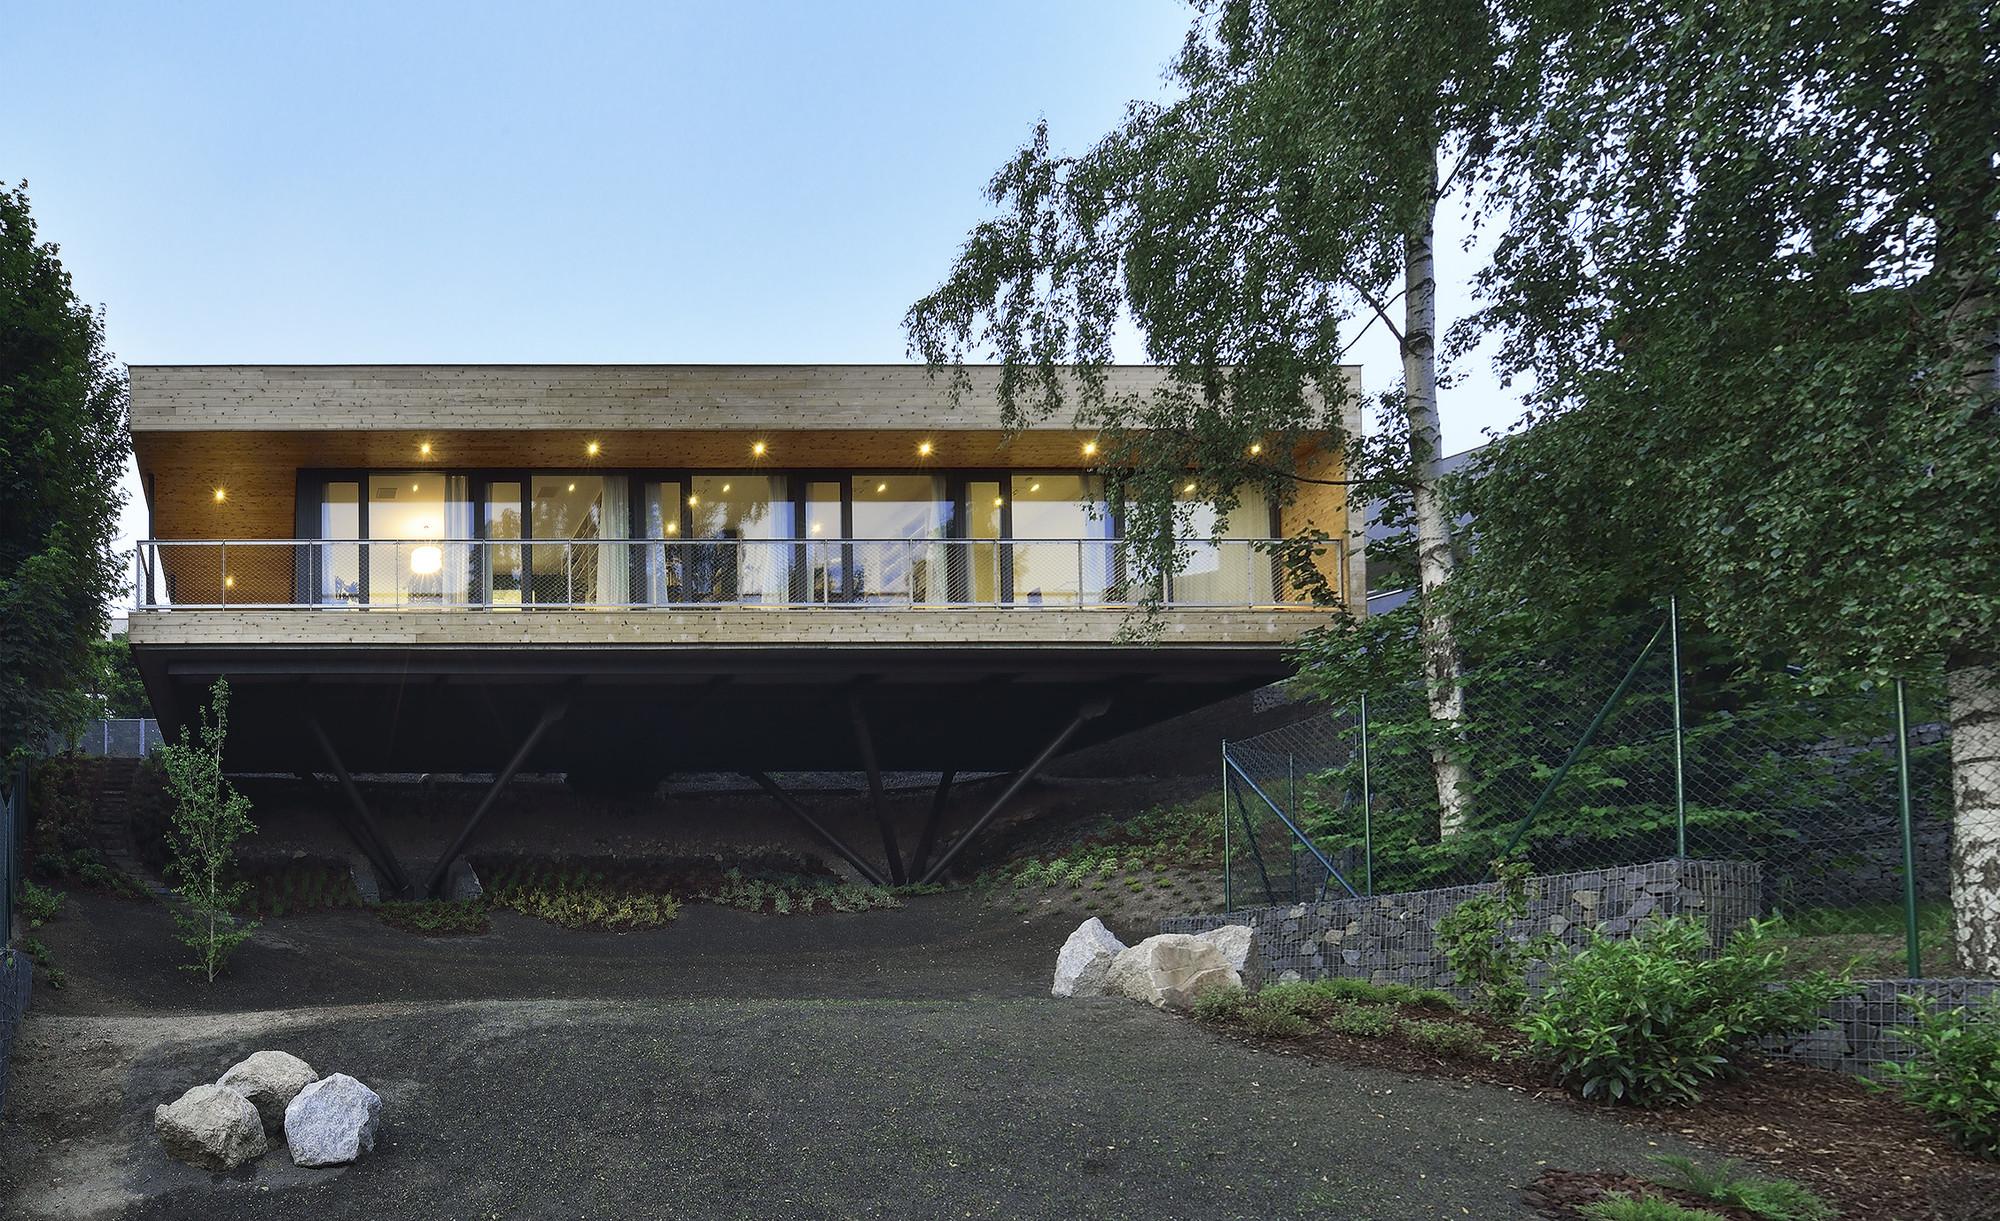 Vivienda Familiar Mseno / Stempel & Tesar Architekti